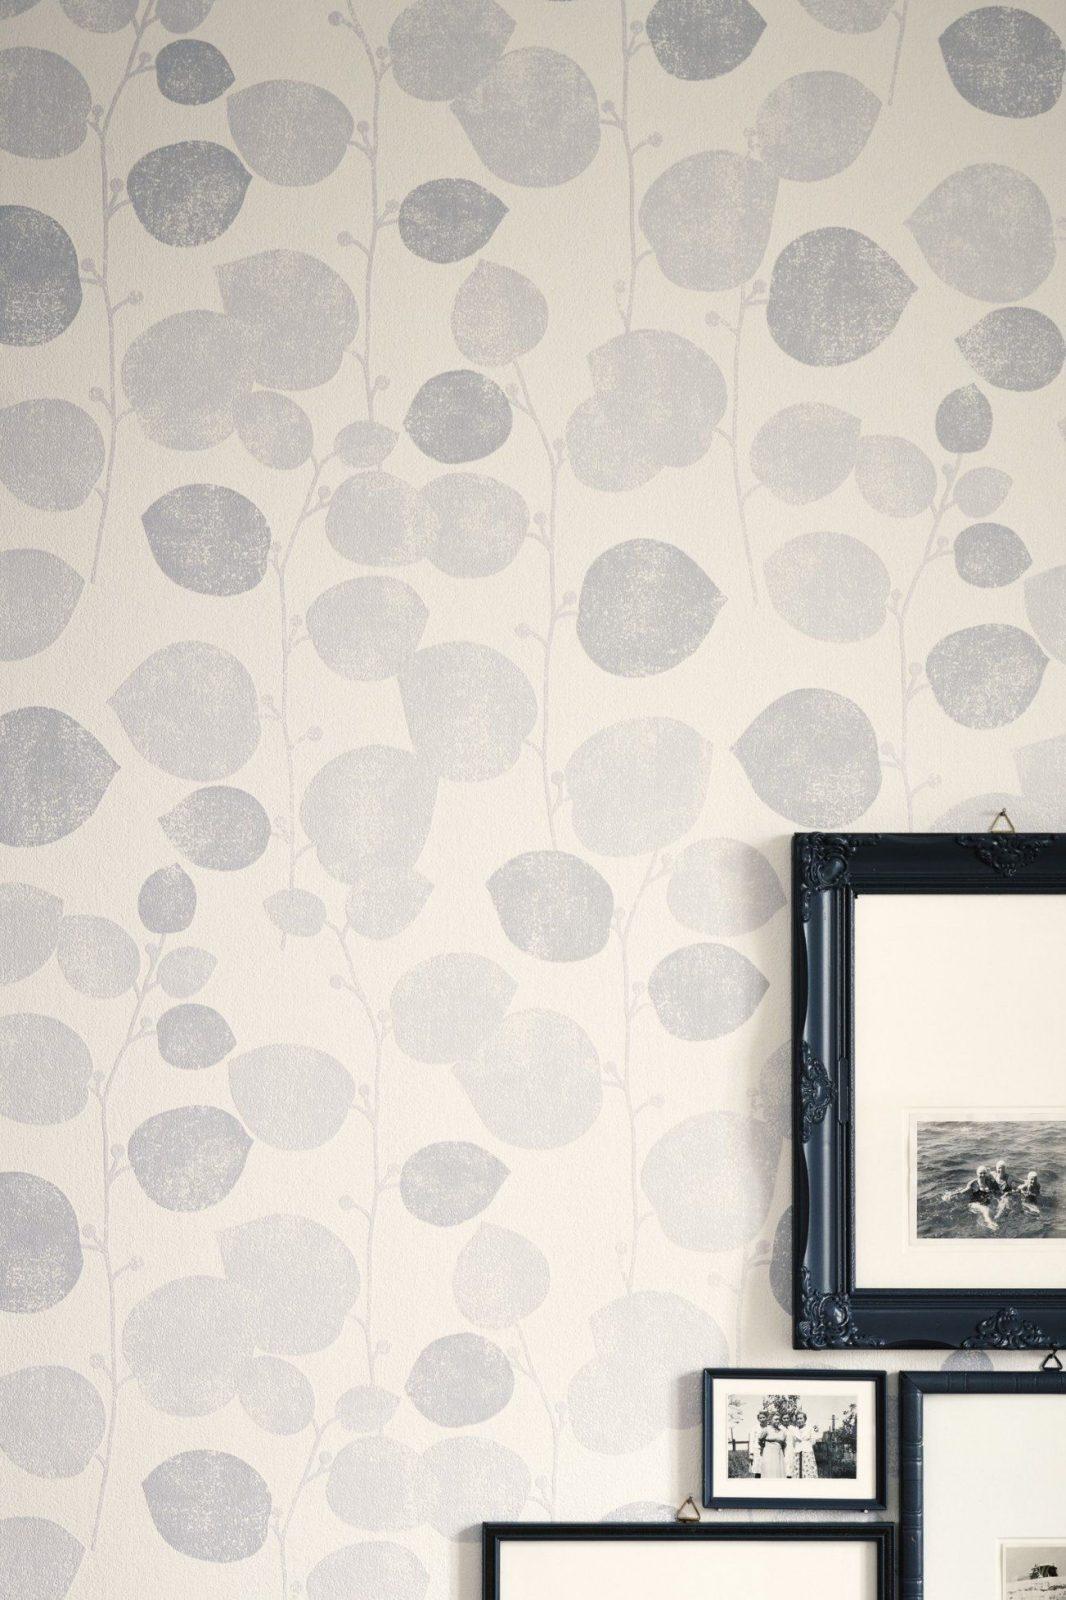 Schöner Wohnen Tapete Lovely Leaves Creme Grau Weiß Kollektion 7 Sch von Schöner Wohnen Tapeten Kollektion Bild